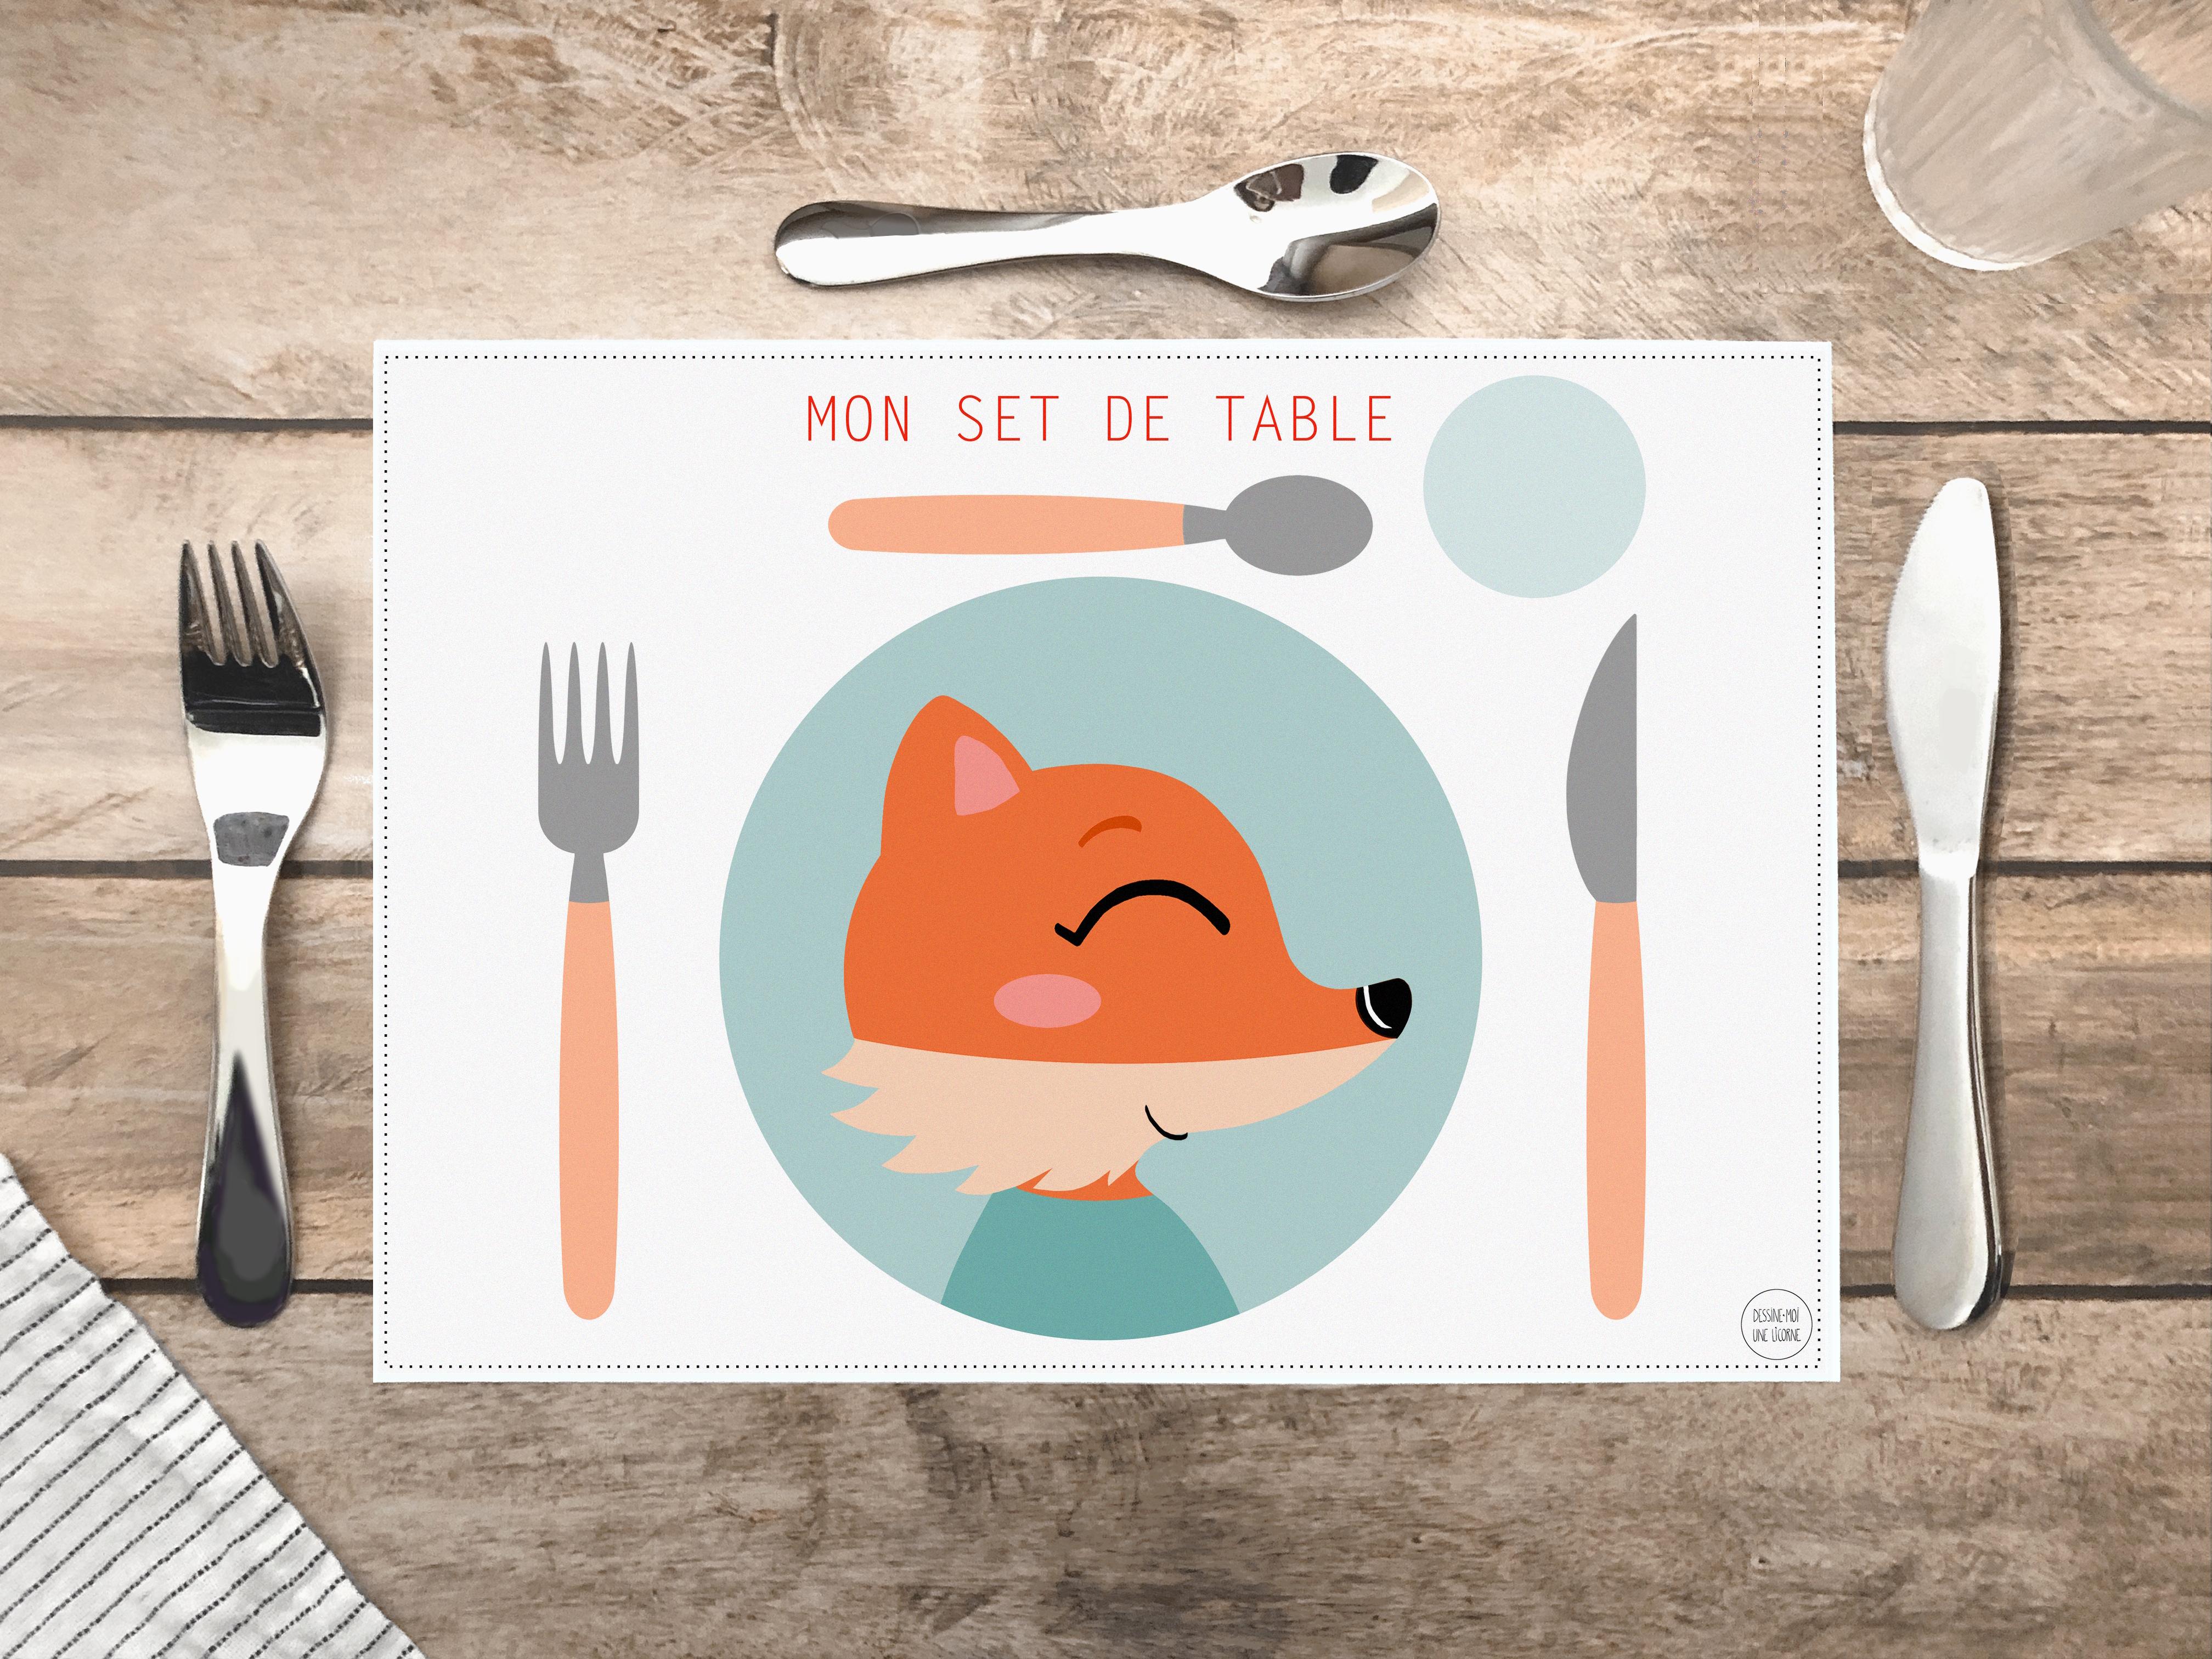 Printable] Un set de table pédagogique pour apprendre aux enfants